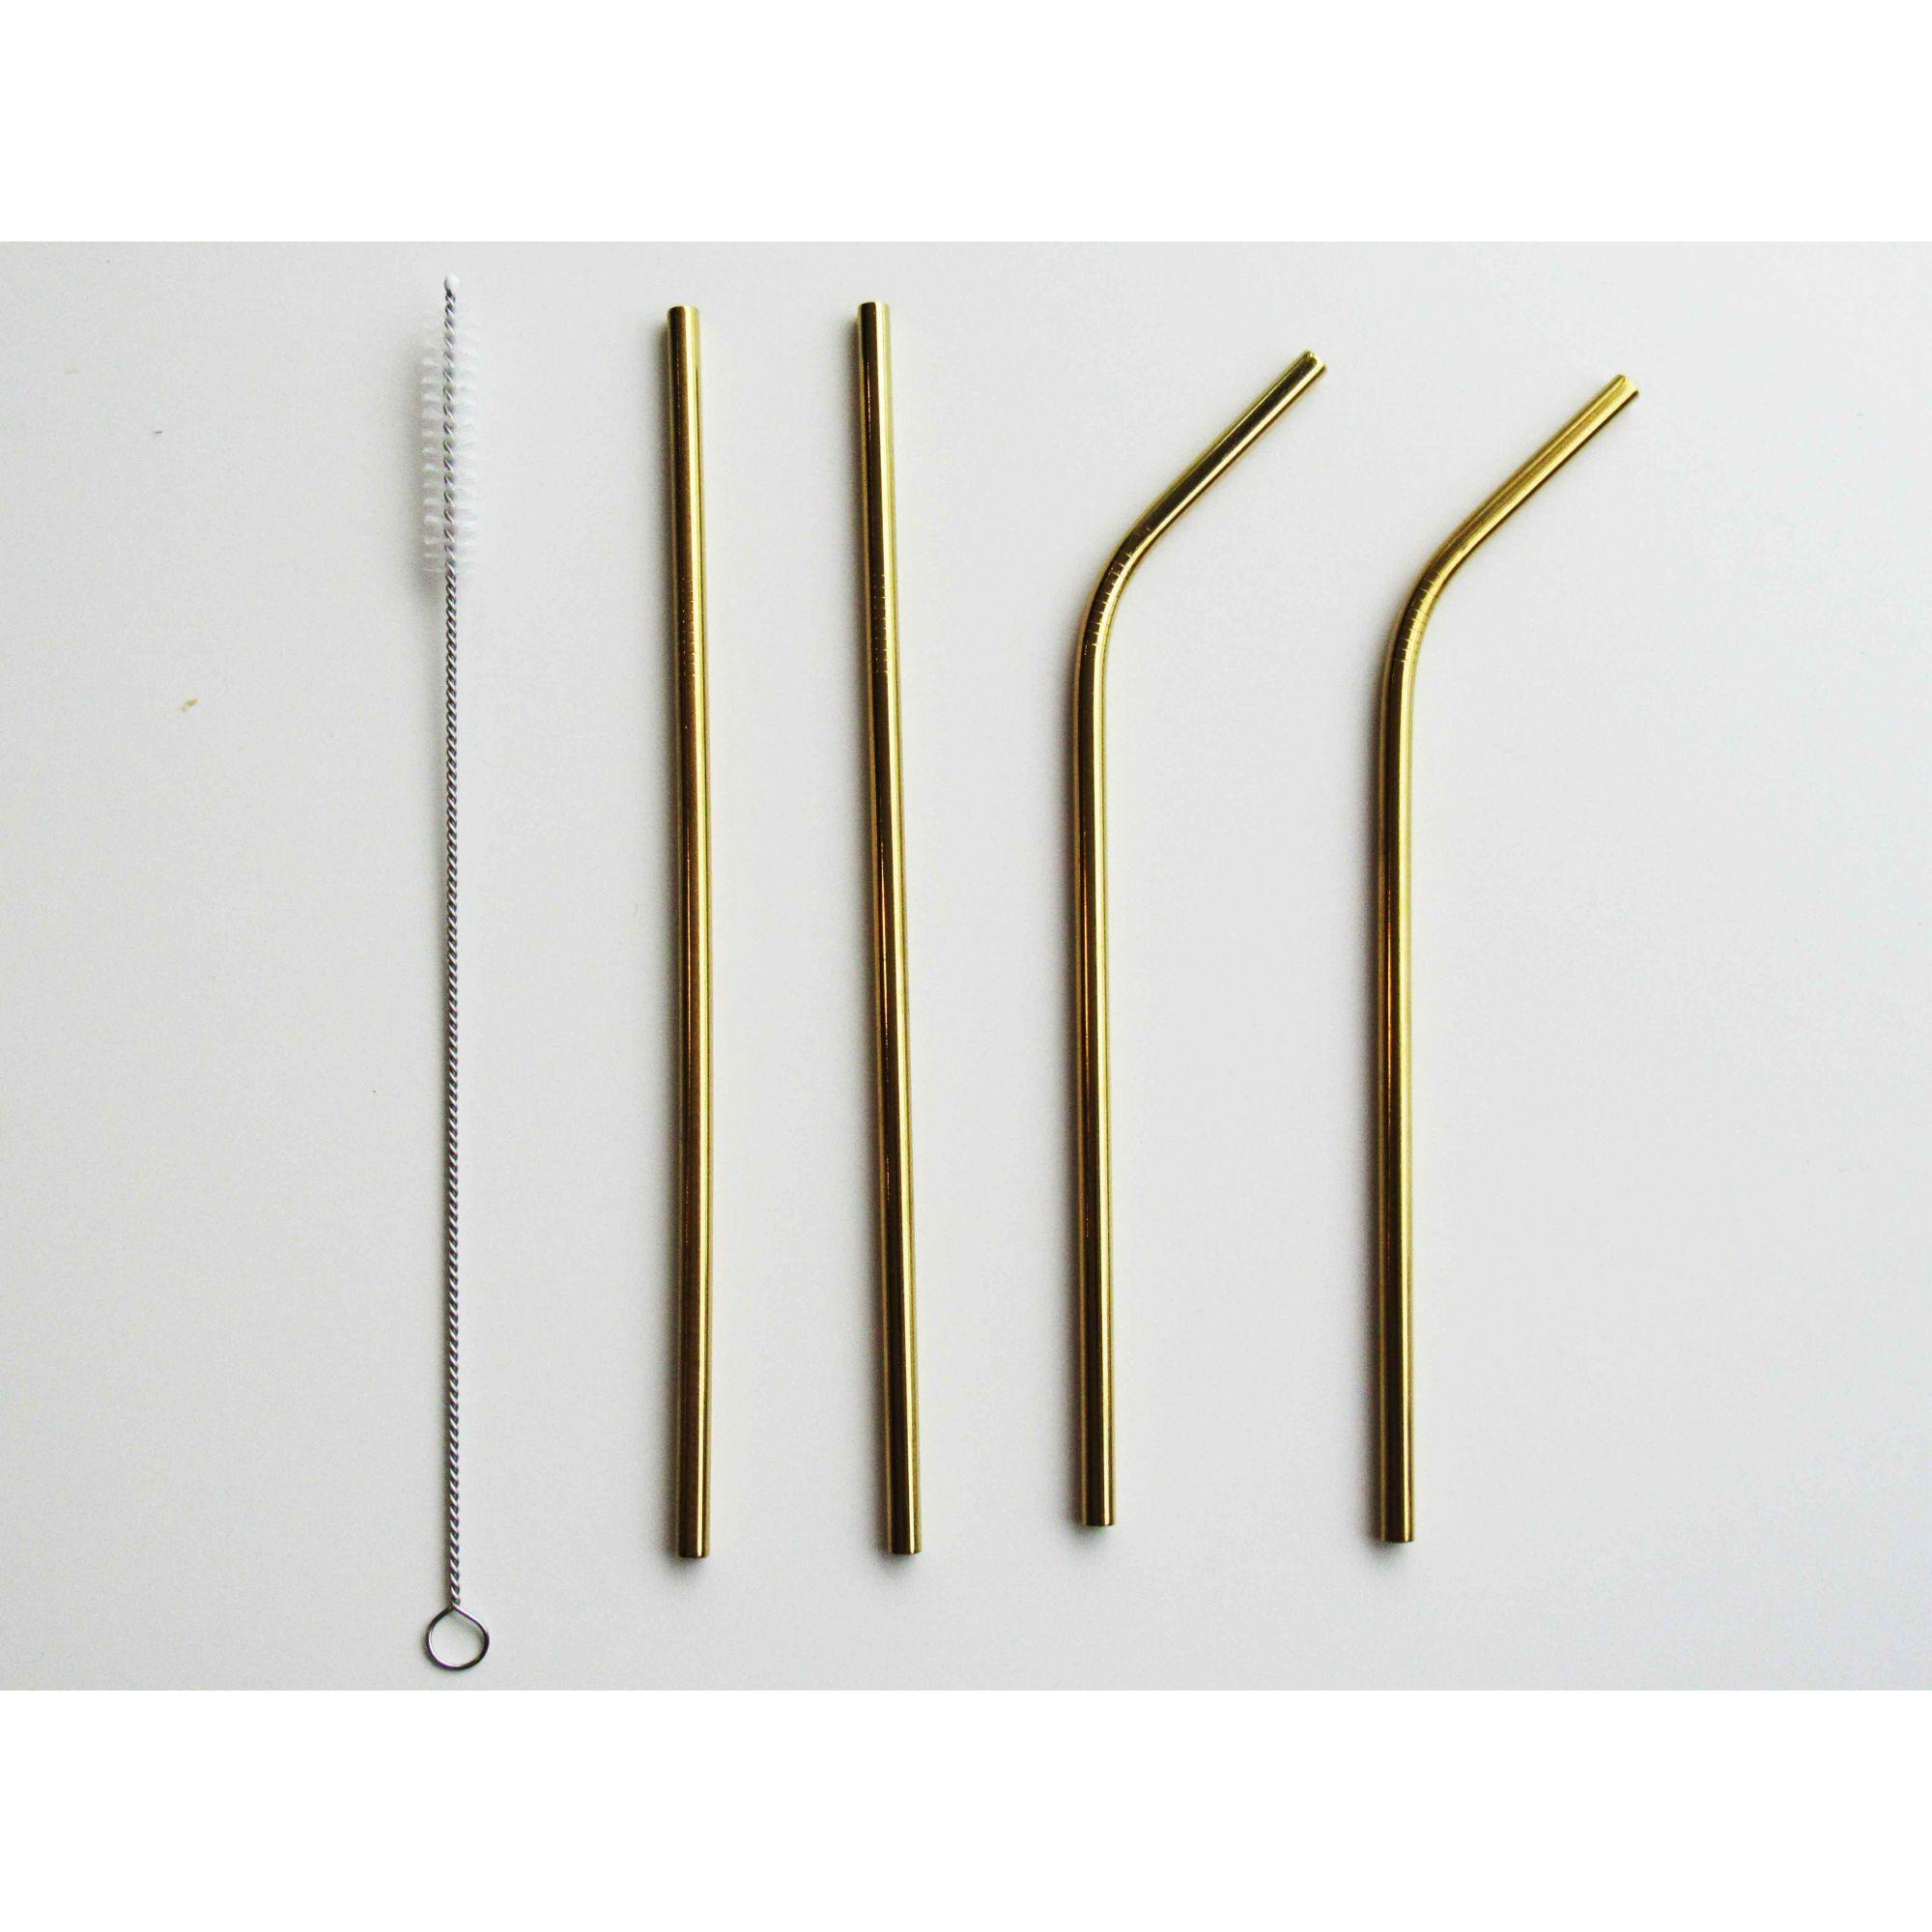 Kit com 4 Canudos Ecológicos Dourados de Aço Inox